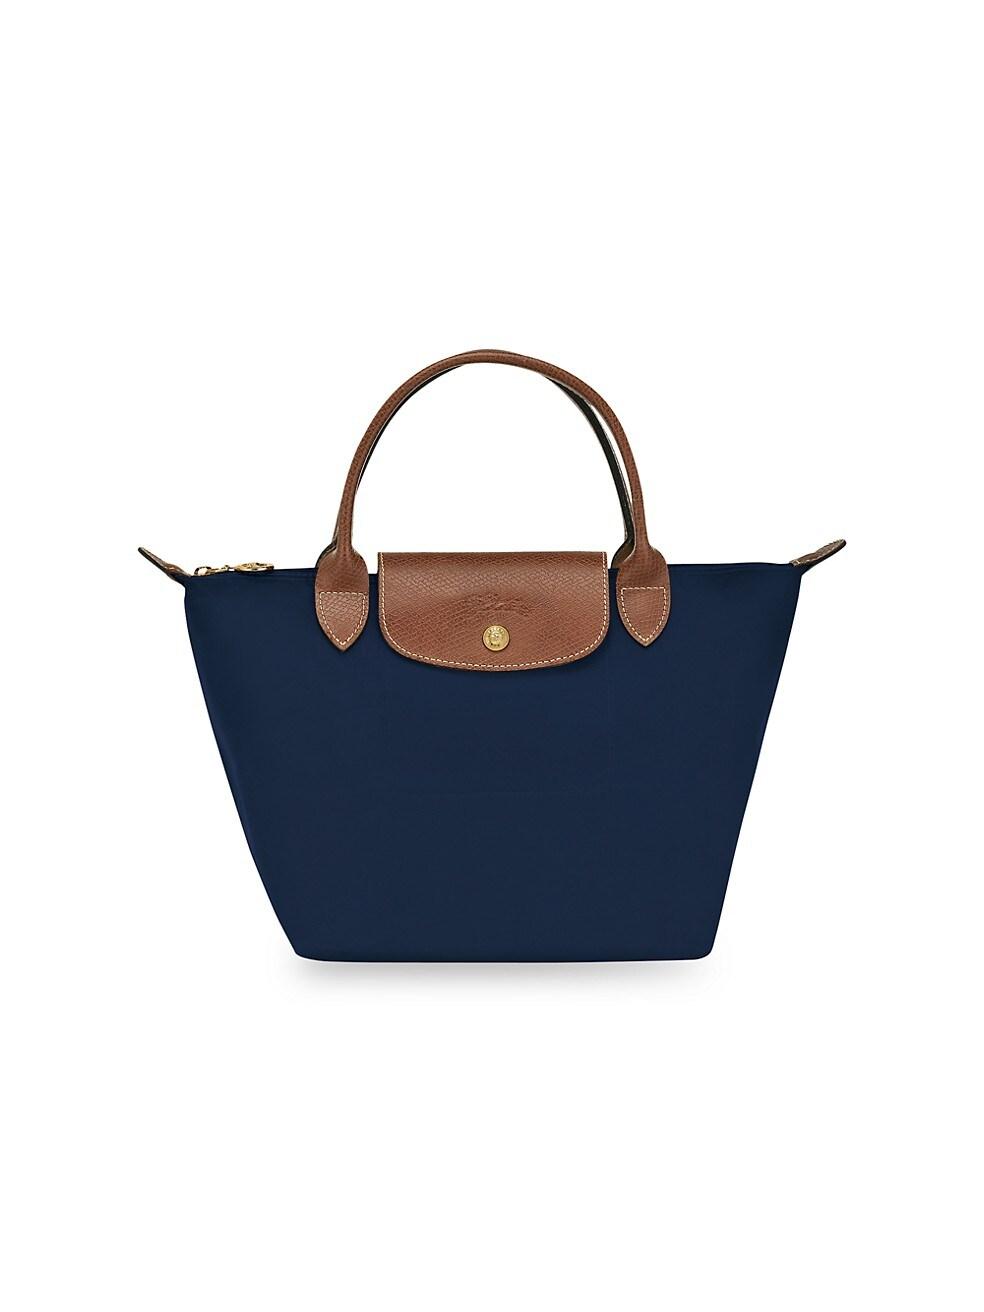 롱샴 토트백 Longchamp Small Le Pliage Tote,NAVY